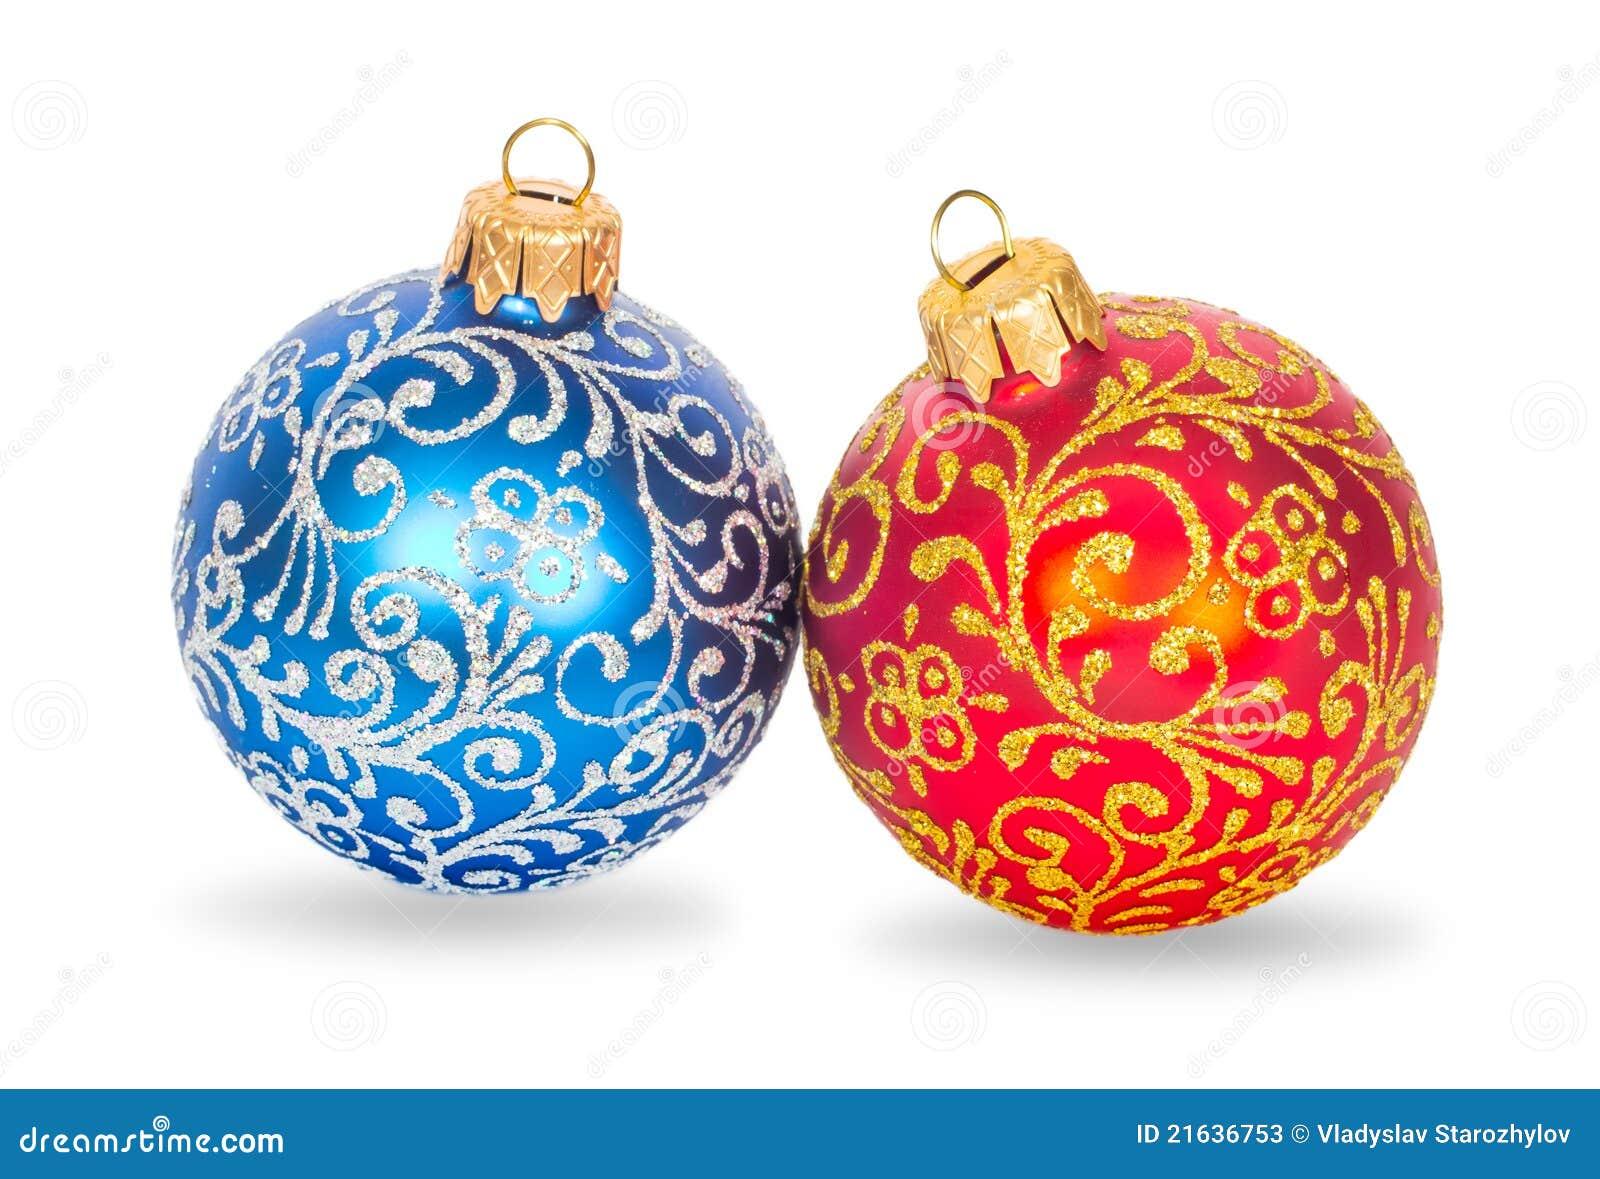 weihnachtskugeln rot und blau stockbild bild von farbe symbol 21636753. Black Bedroom Furniture Sets. Home Design Ideas